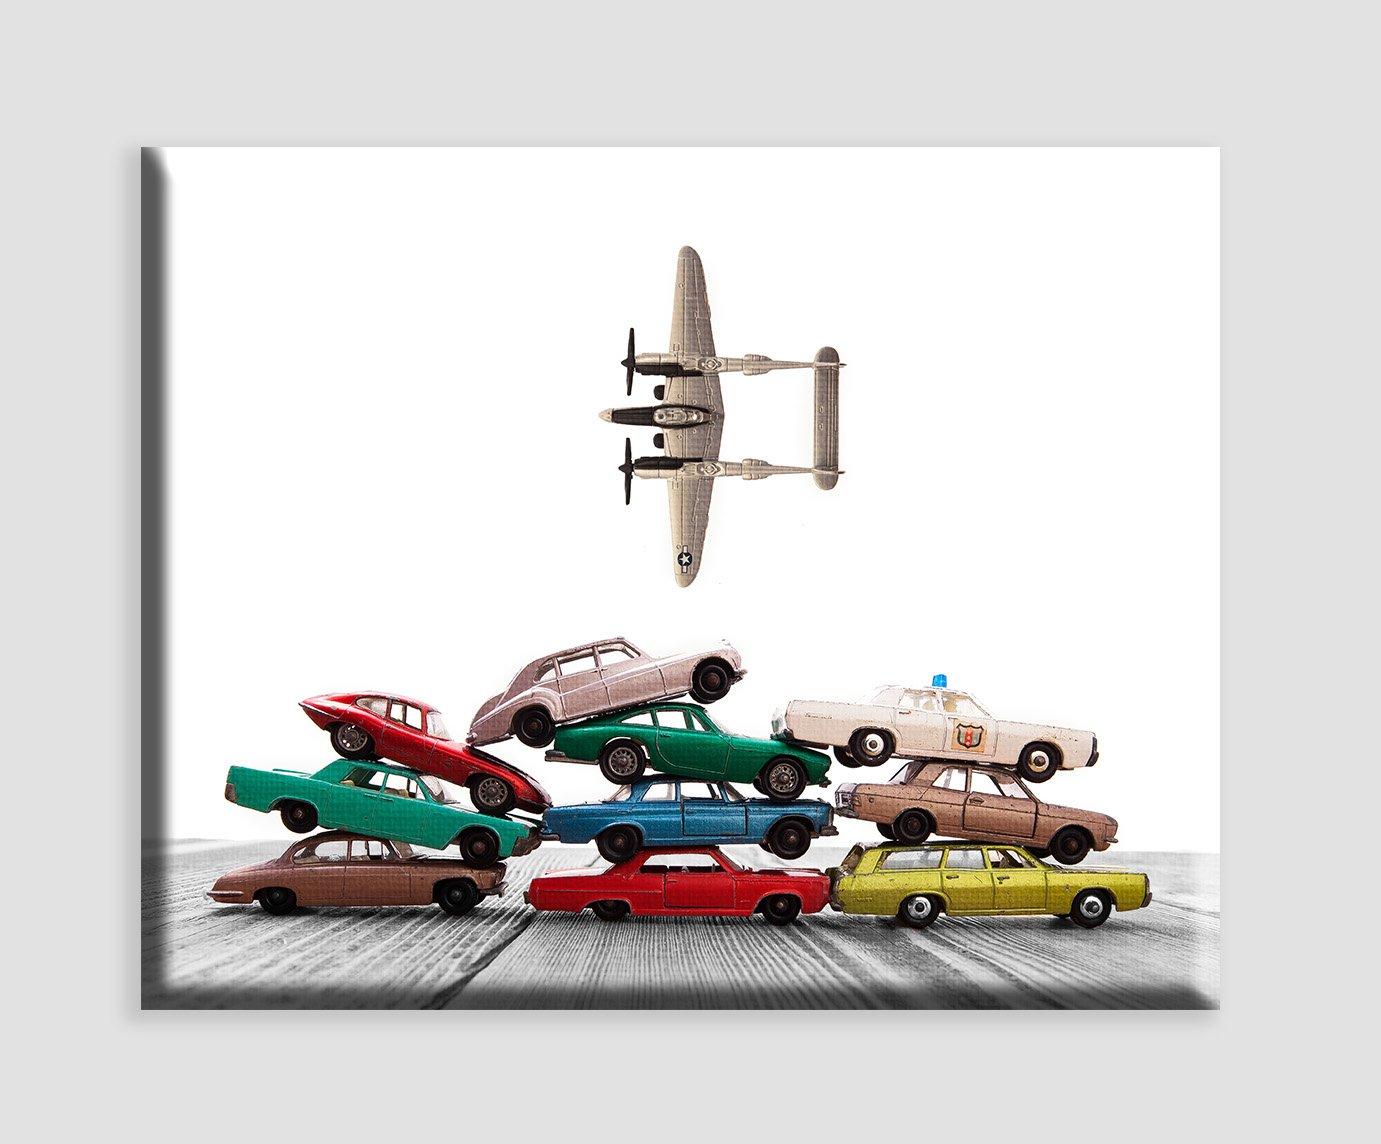 ''Matchbox Car Pile Airplane Fly by'' Car Photo Wall Art, Boys room Wall art, Photo Decor, Nursery decor, Kids Room Wall Art. Available as print or canvas.